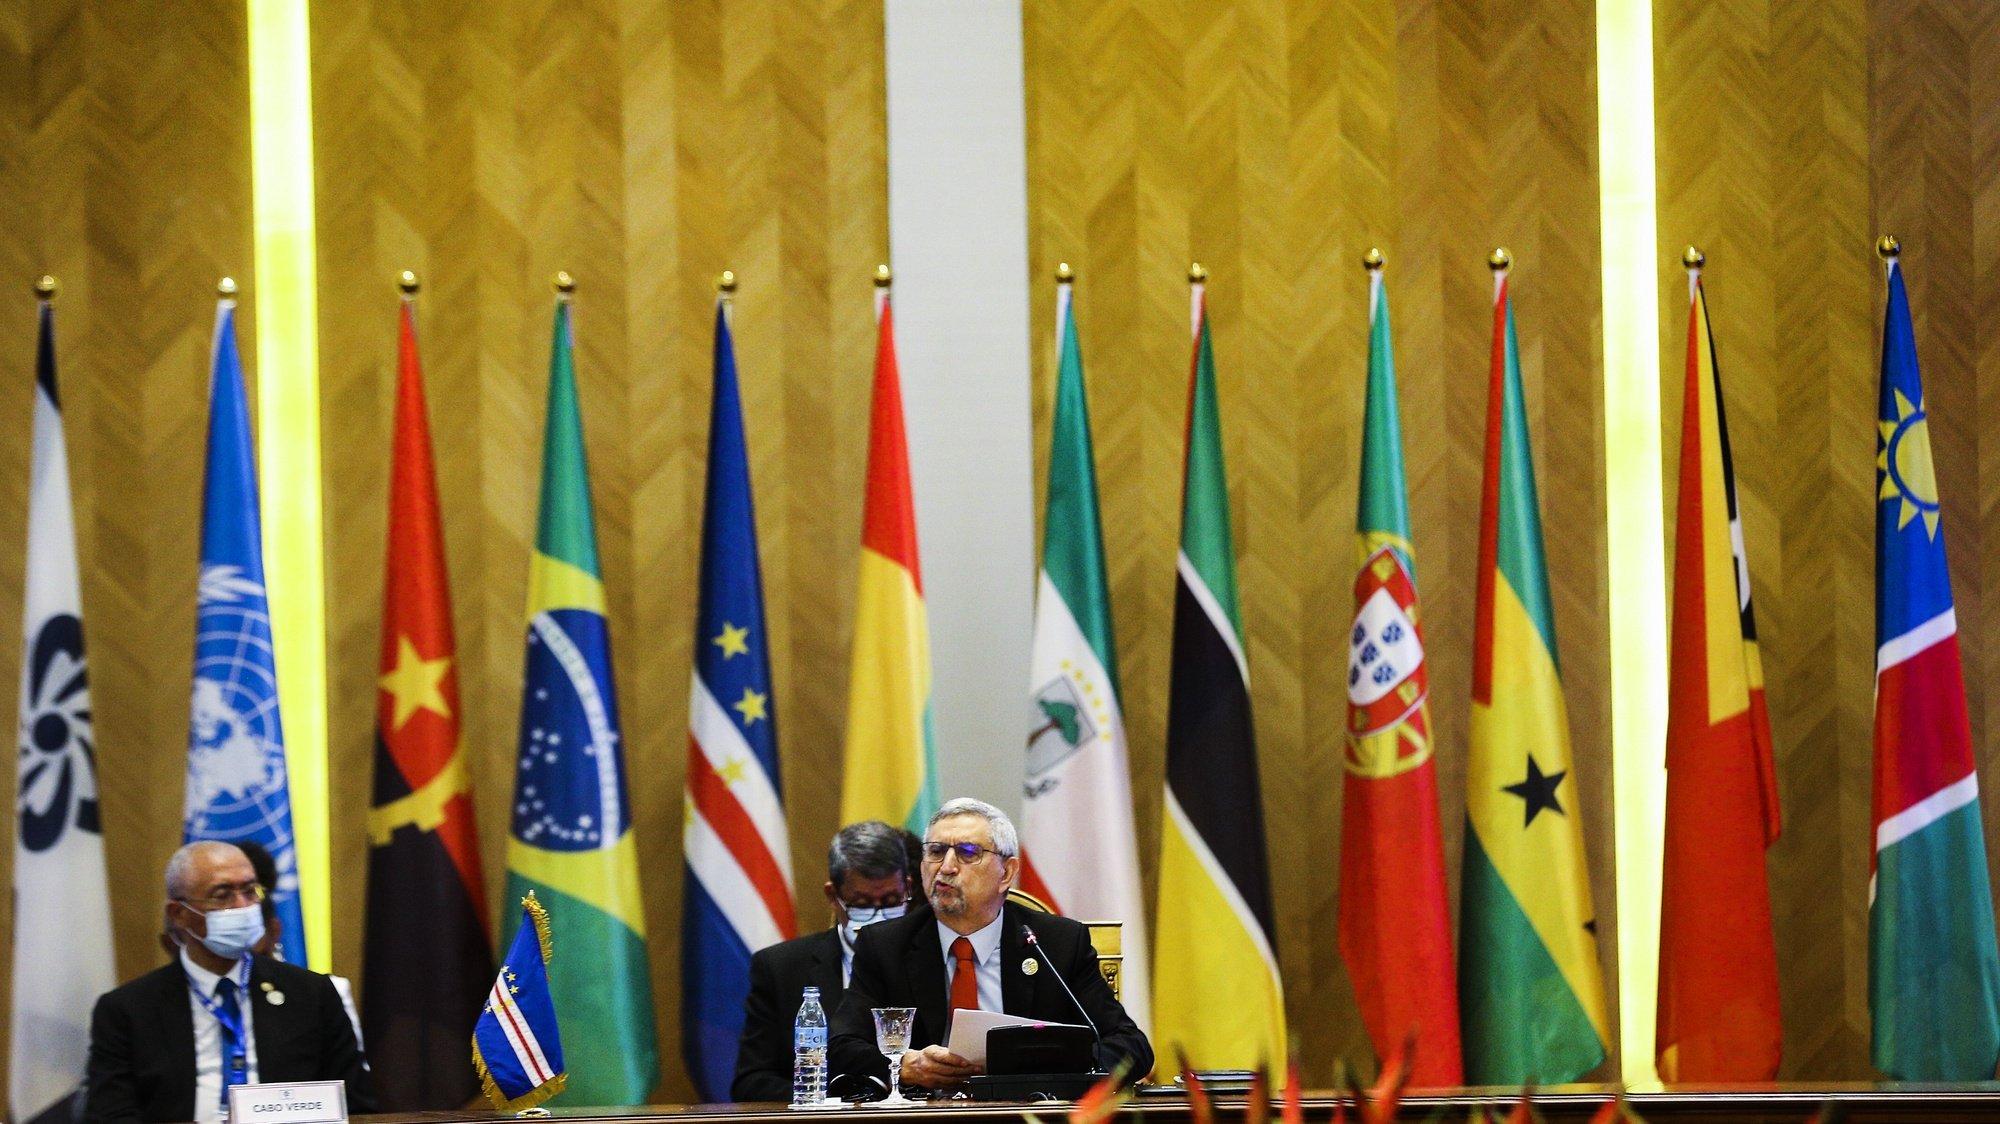 """O Presidente da República de Cabo Verde, Jorge carlos Fonseca, na sessão de abertura da XIII Conferência de Chefes de Estado e de Governo da Comunidade dos Países de Língua Portuguesa (CPLP), em Luanda, Angola, 17 de julho de 2021. Nesta cimeira, que decorre sob o tema """"Construir e Fortalecer um Futuro Comum e Sustentável"""", Angola assume a presidência rotativa da CPLP, até agora assegurada por Cabo Verde. AMPE ROGÉRIO/LUSA"""